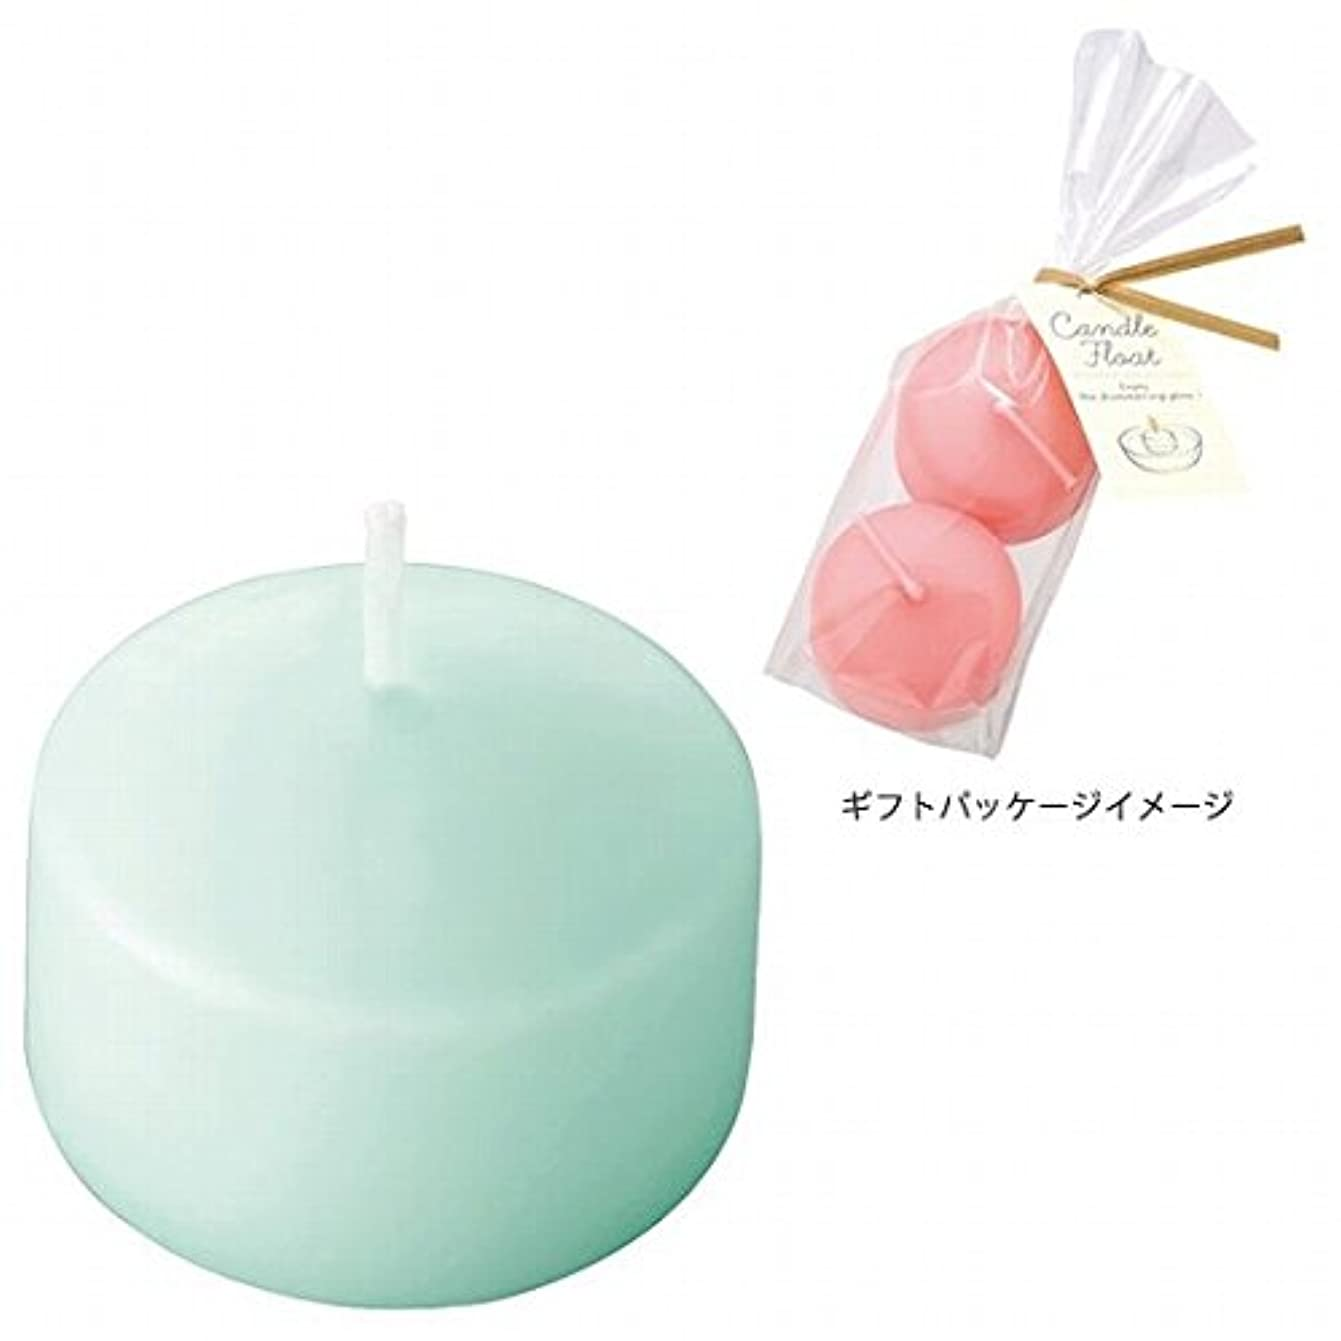 カメヤマキャンドル( kameyama candle ) ハッピープール(2個入り) キャンドル 「ライトブルー」